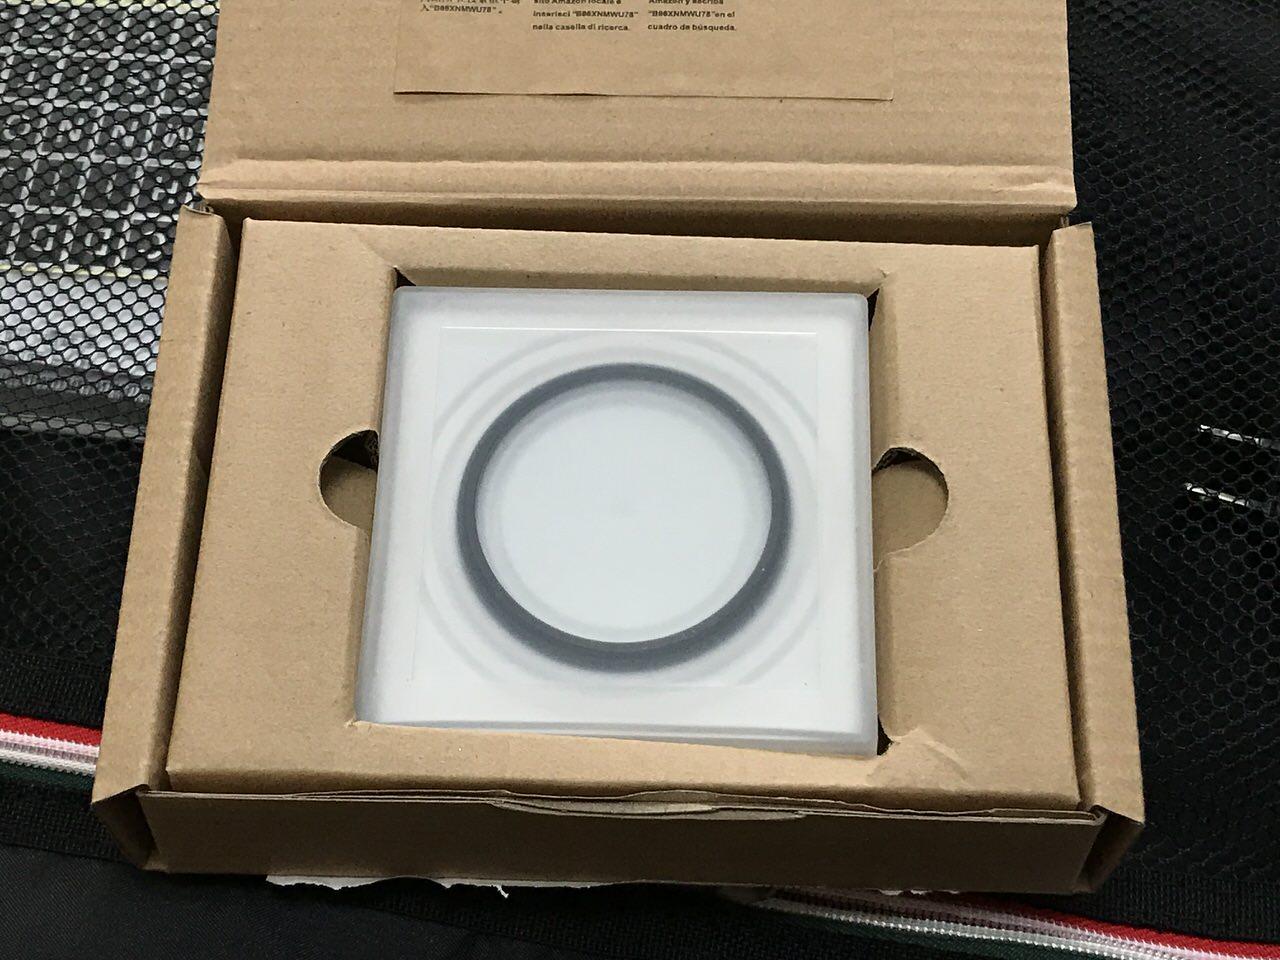 Amazon basic filter 9706